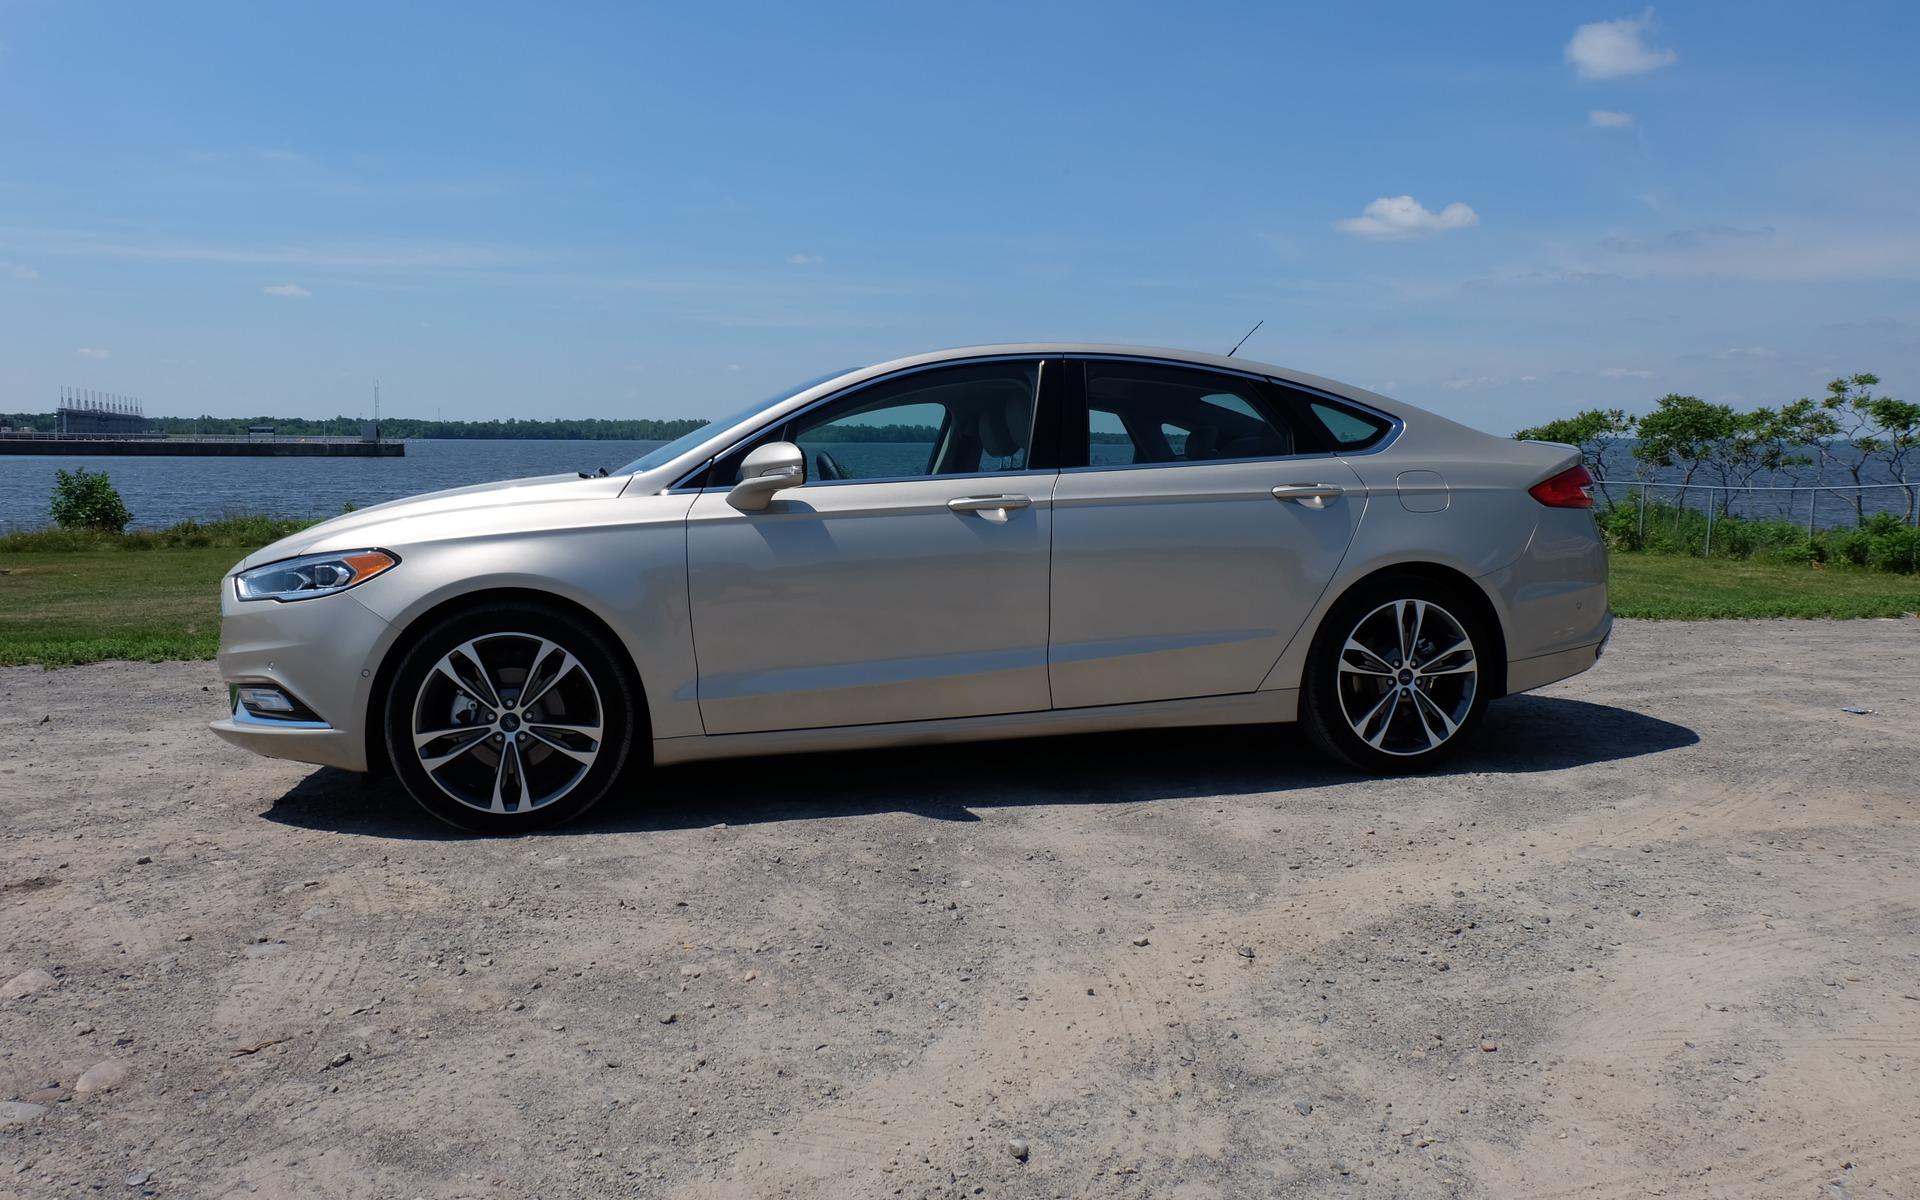 La Ford Fusion 2017 dispose aussi d'un système intégral fort efficace